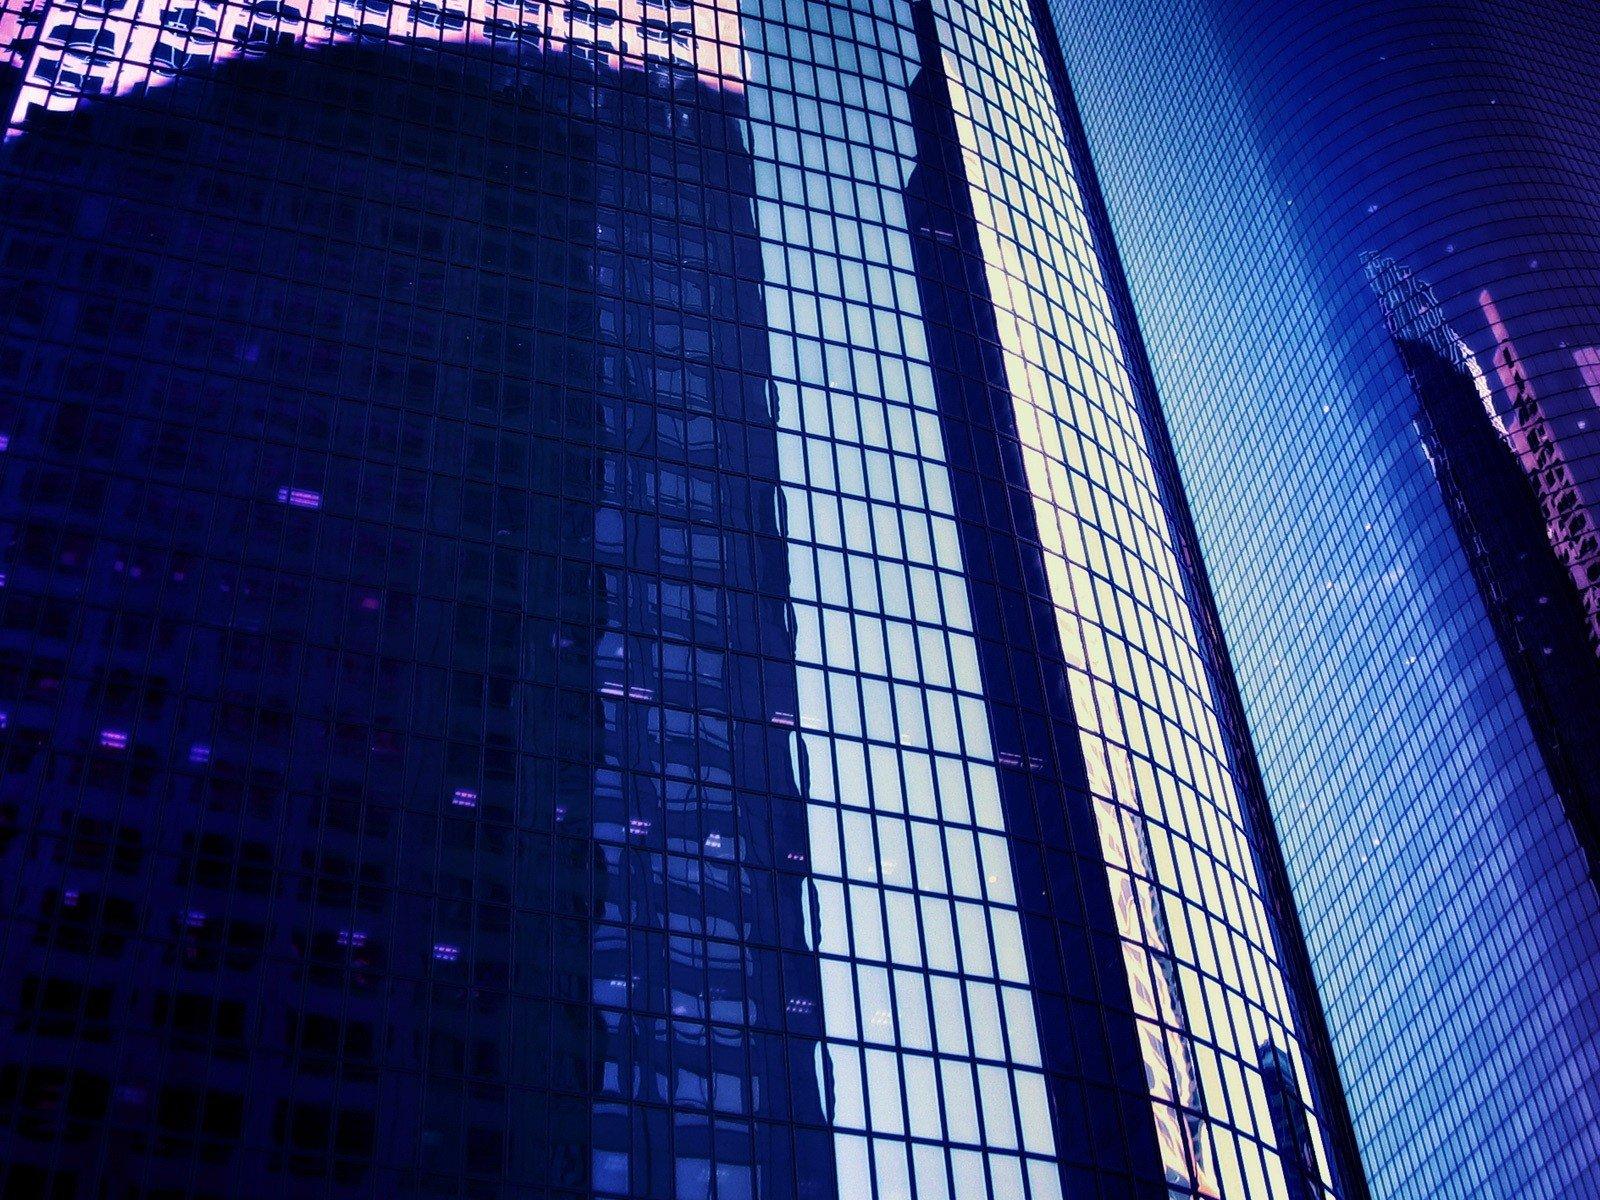 Стекло небоскреб отражение бесплатно